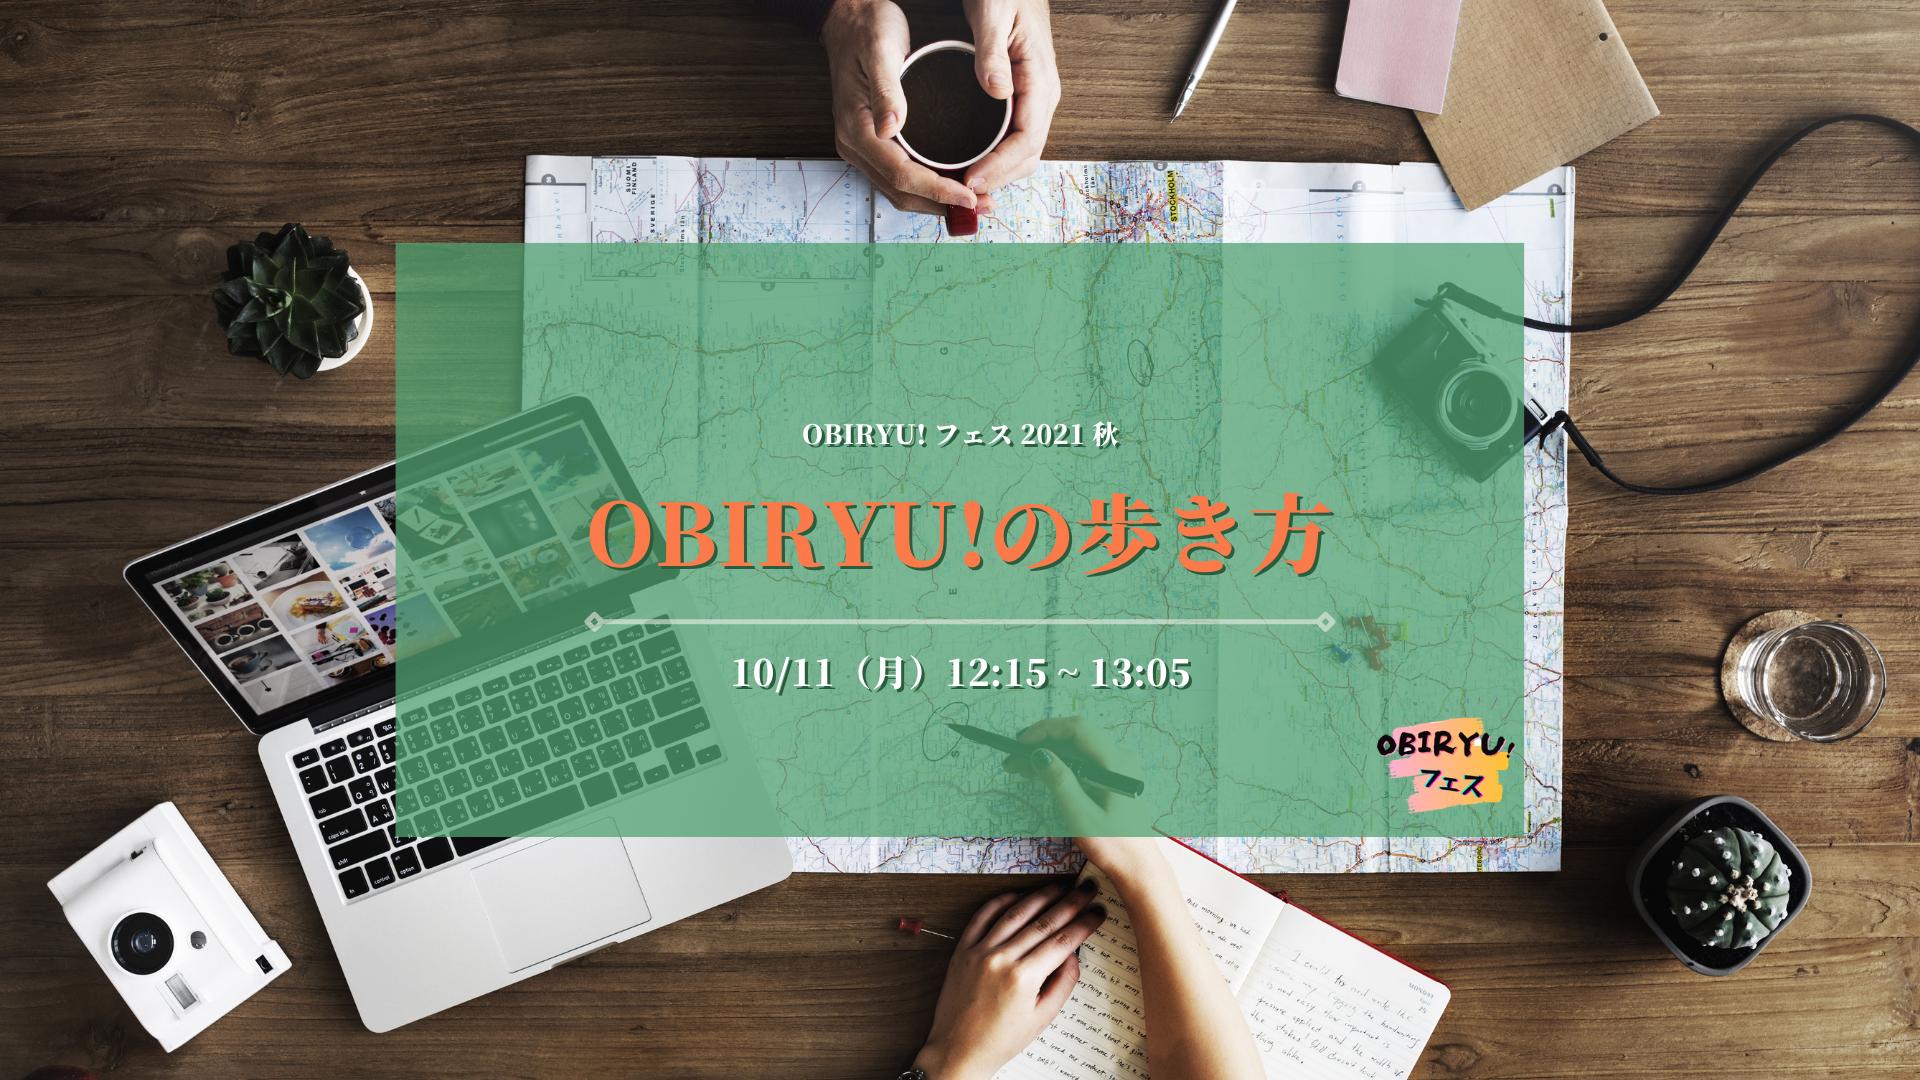 【イベント】10/11 OBIRYU!の歩き方